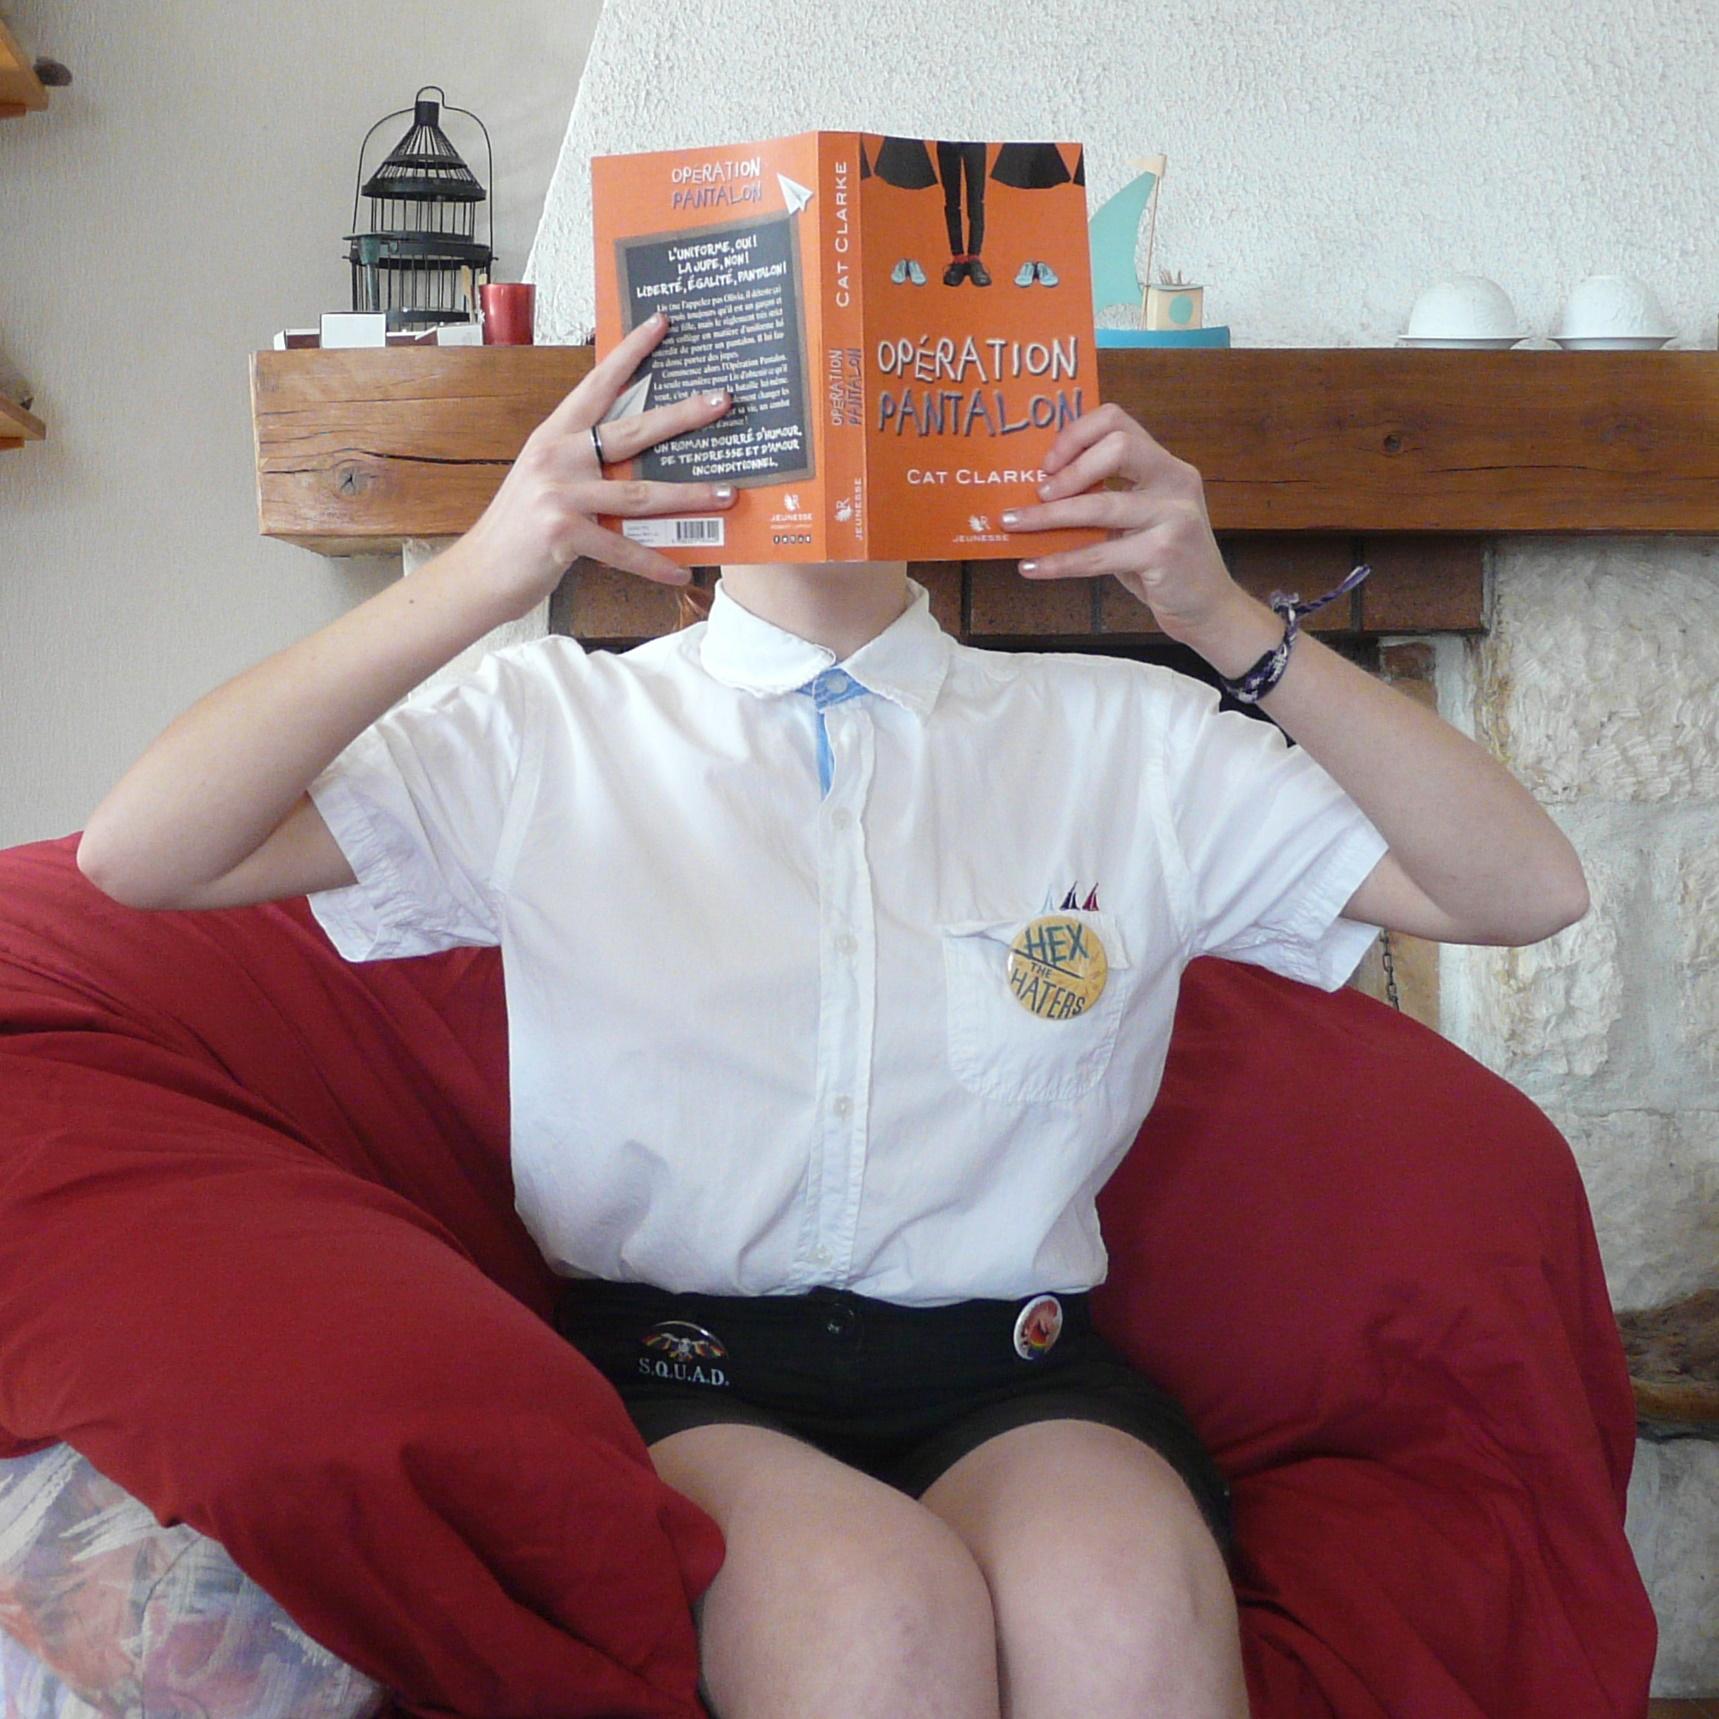 personne en chemise et short lisant Opération Pantalon dans un fauteuil devant la cheminée